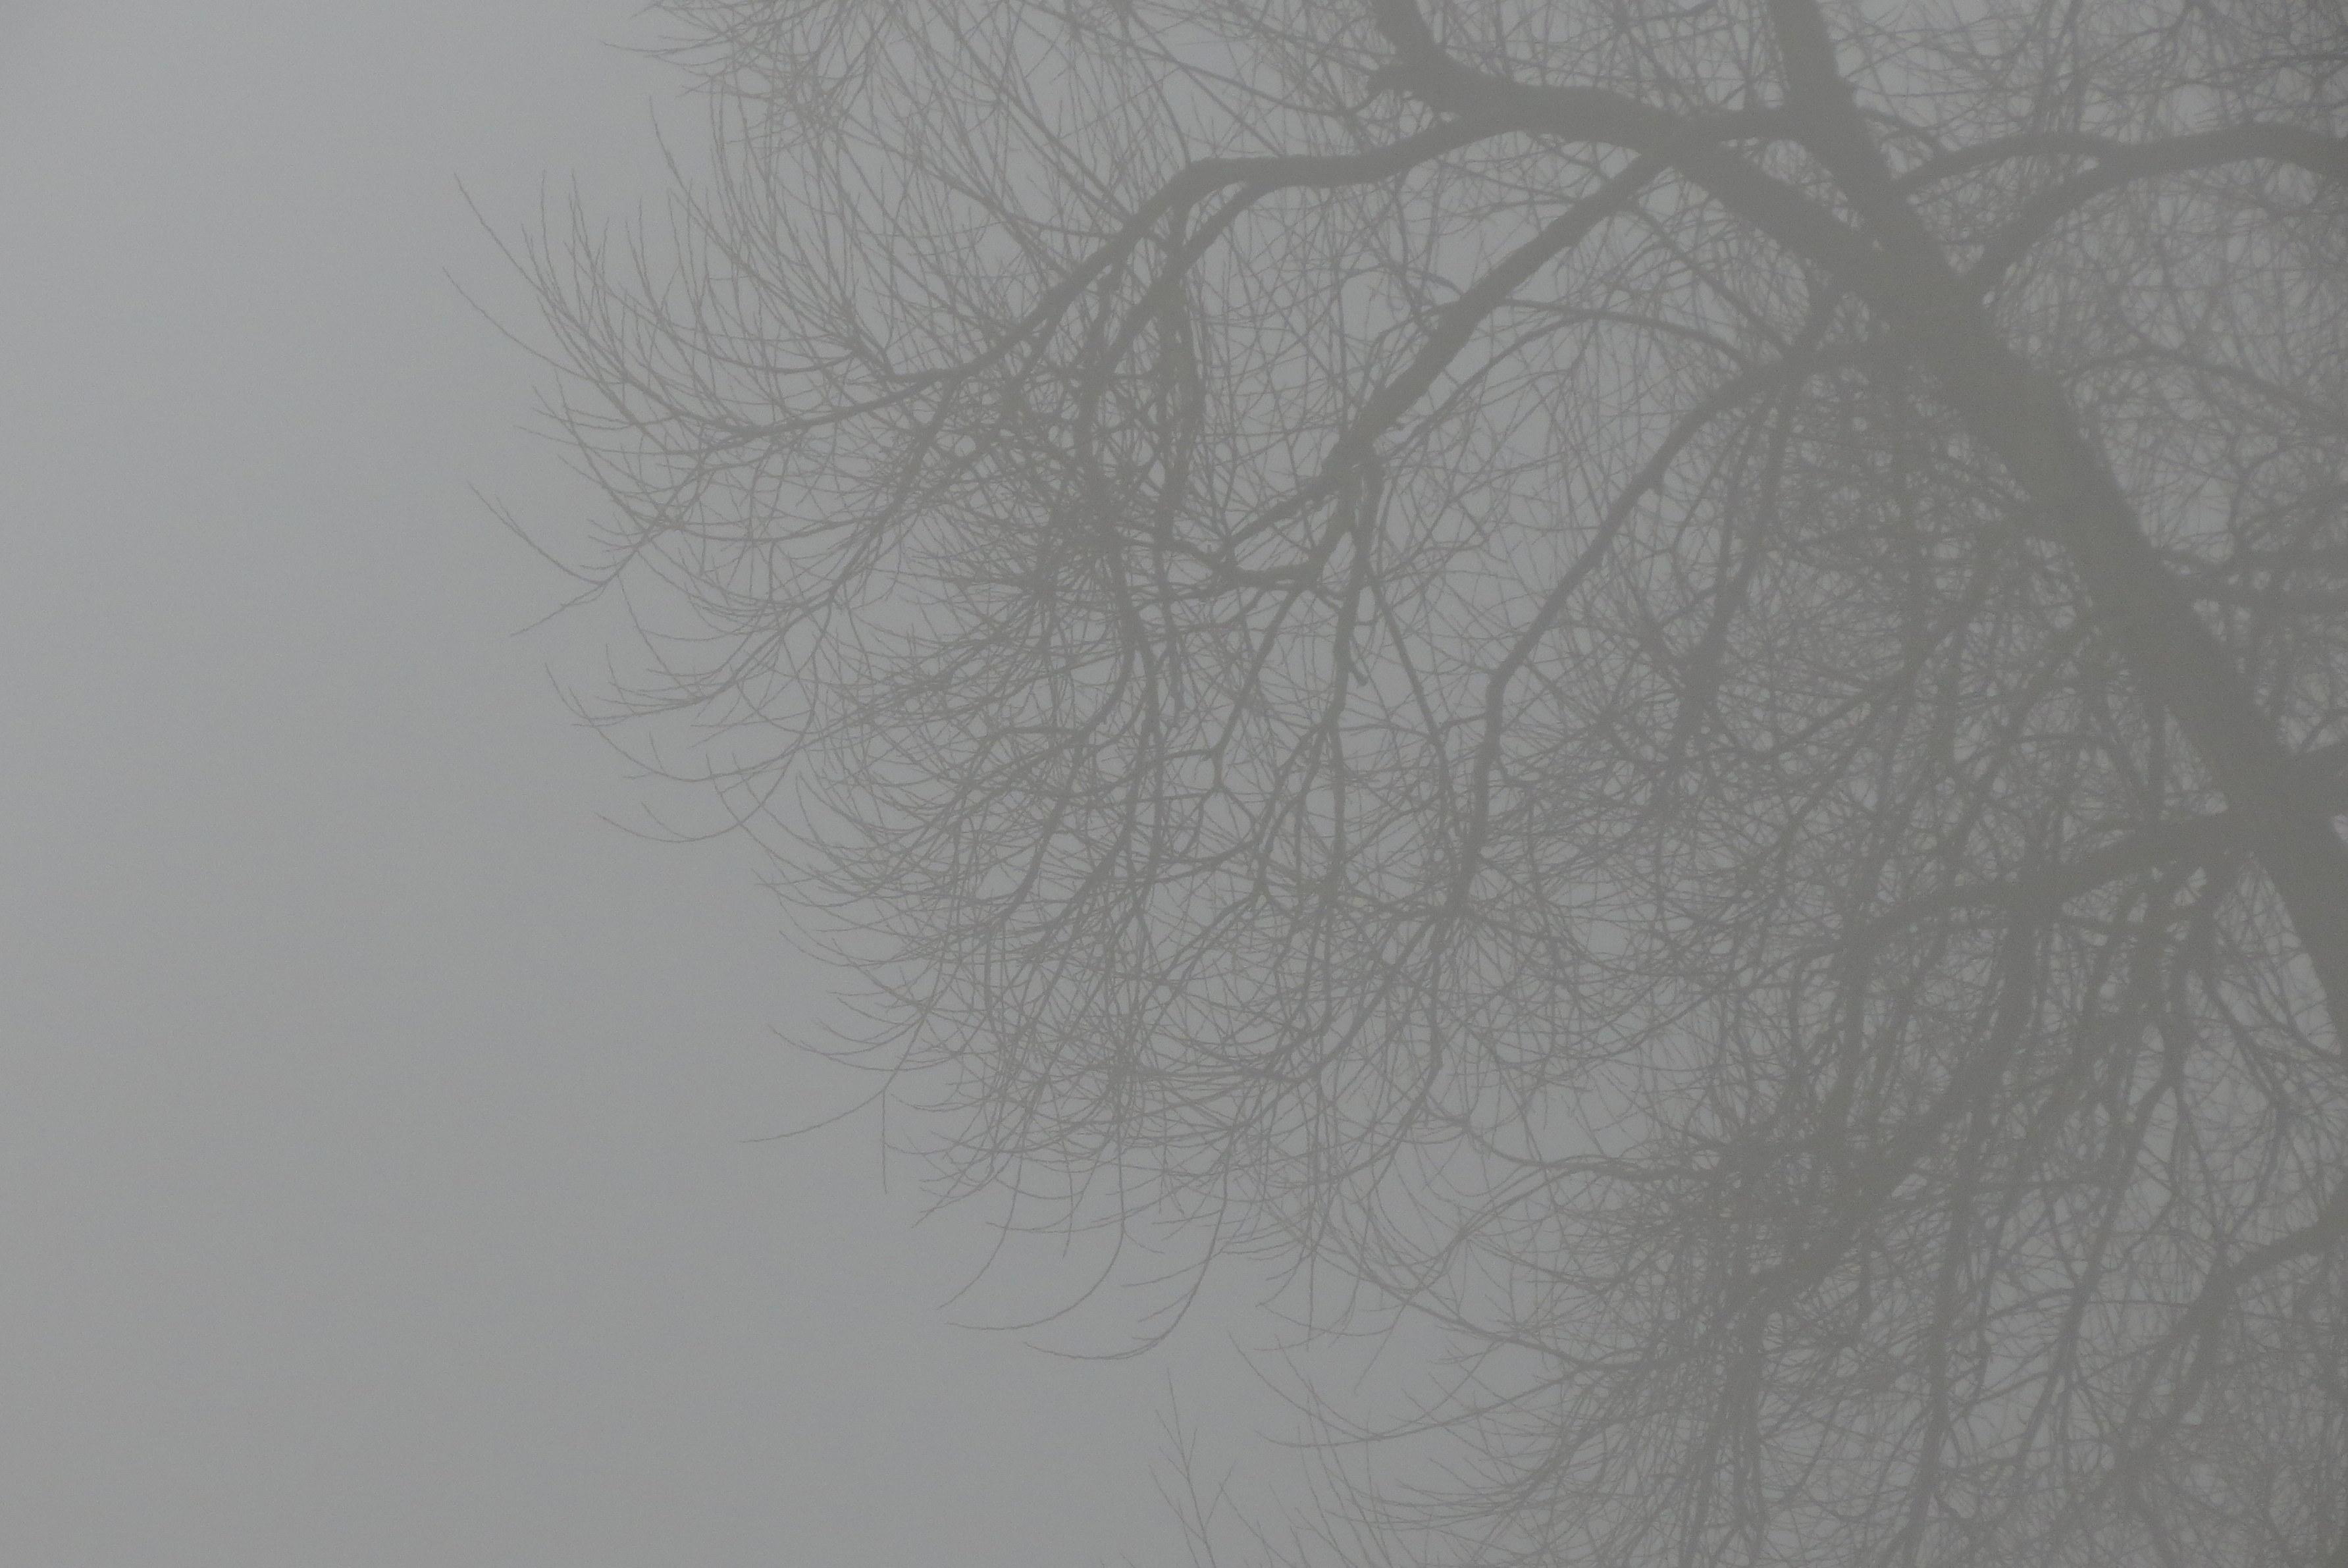 Tåge i Fuglebjerg